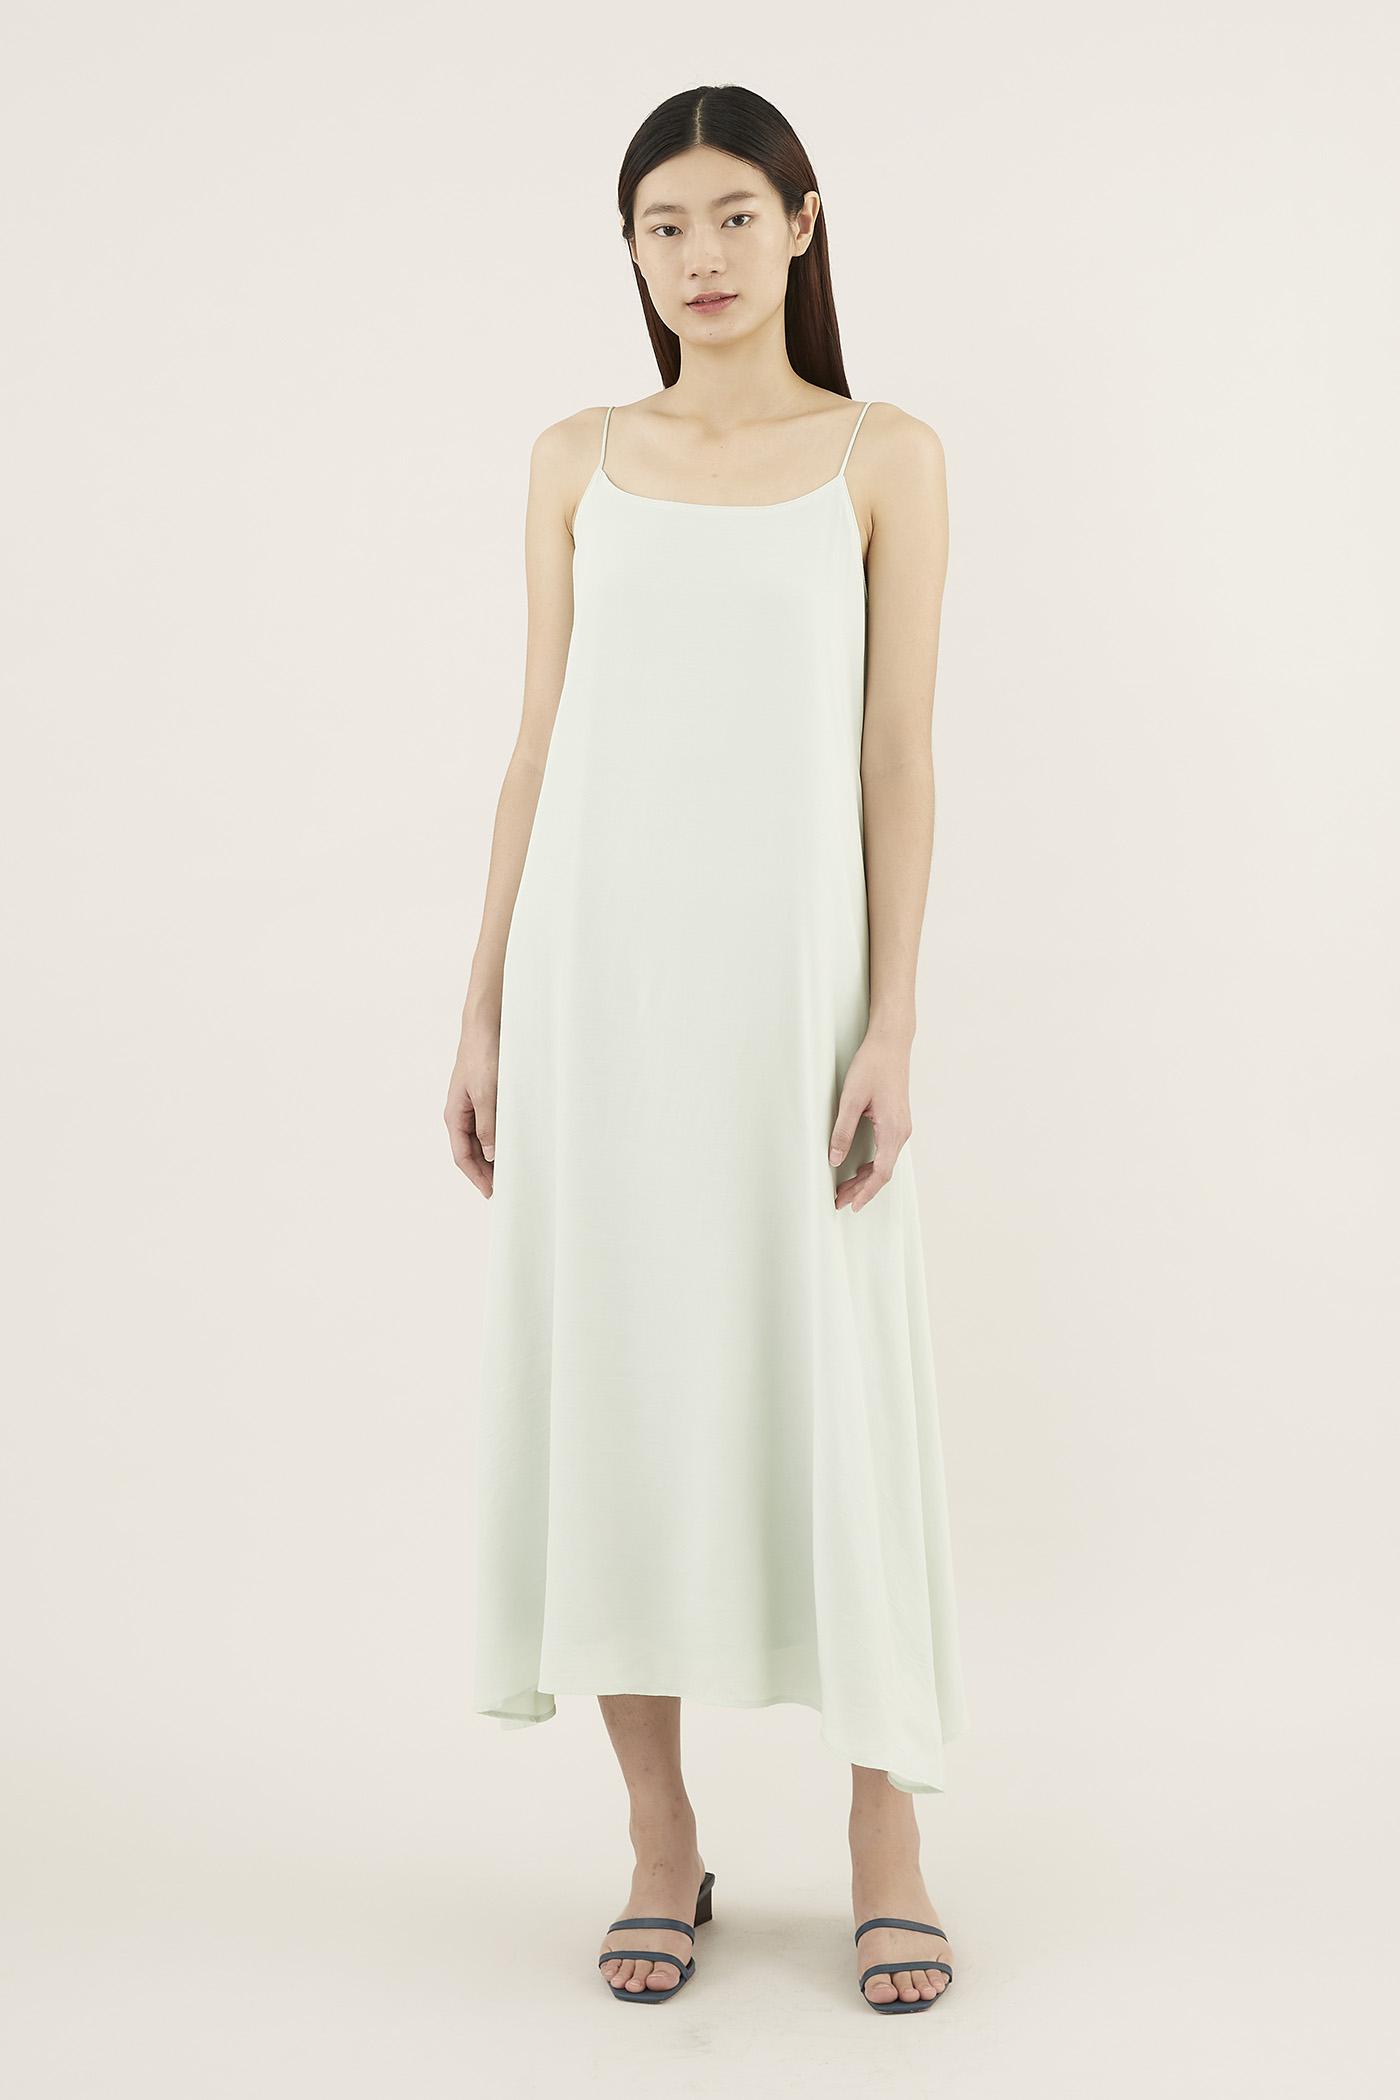 Caelia Cami Dress